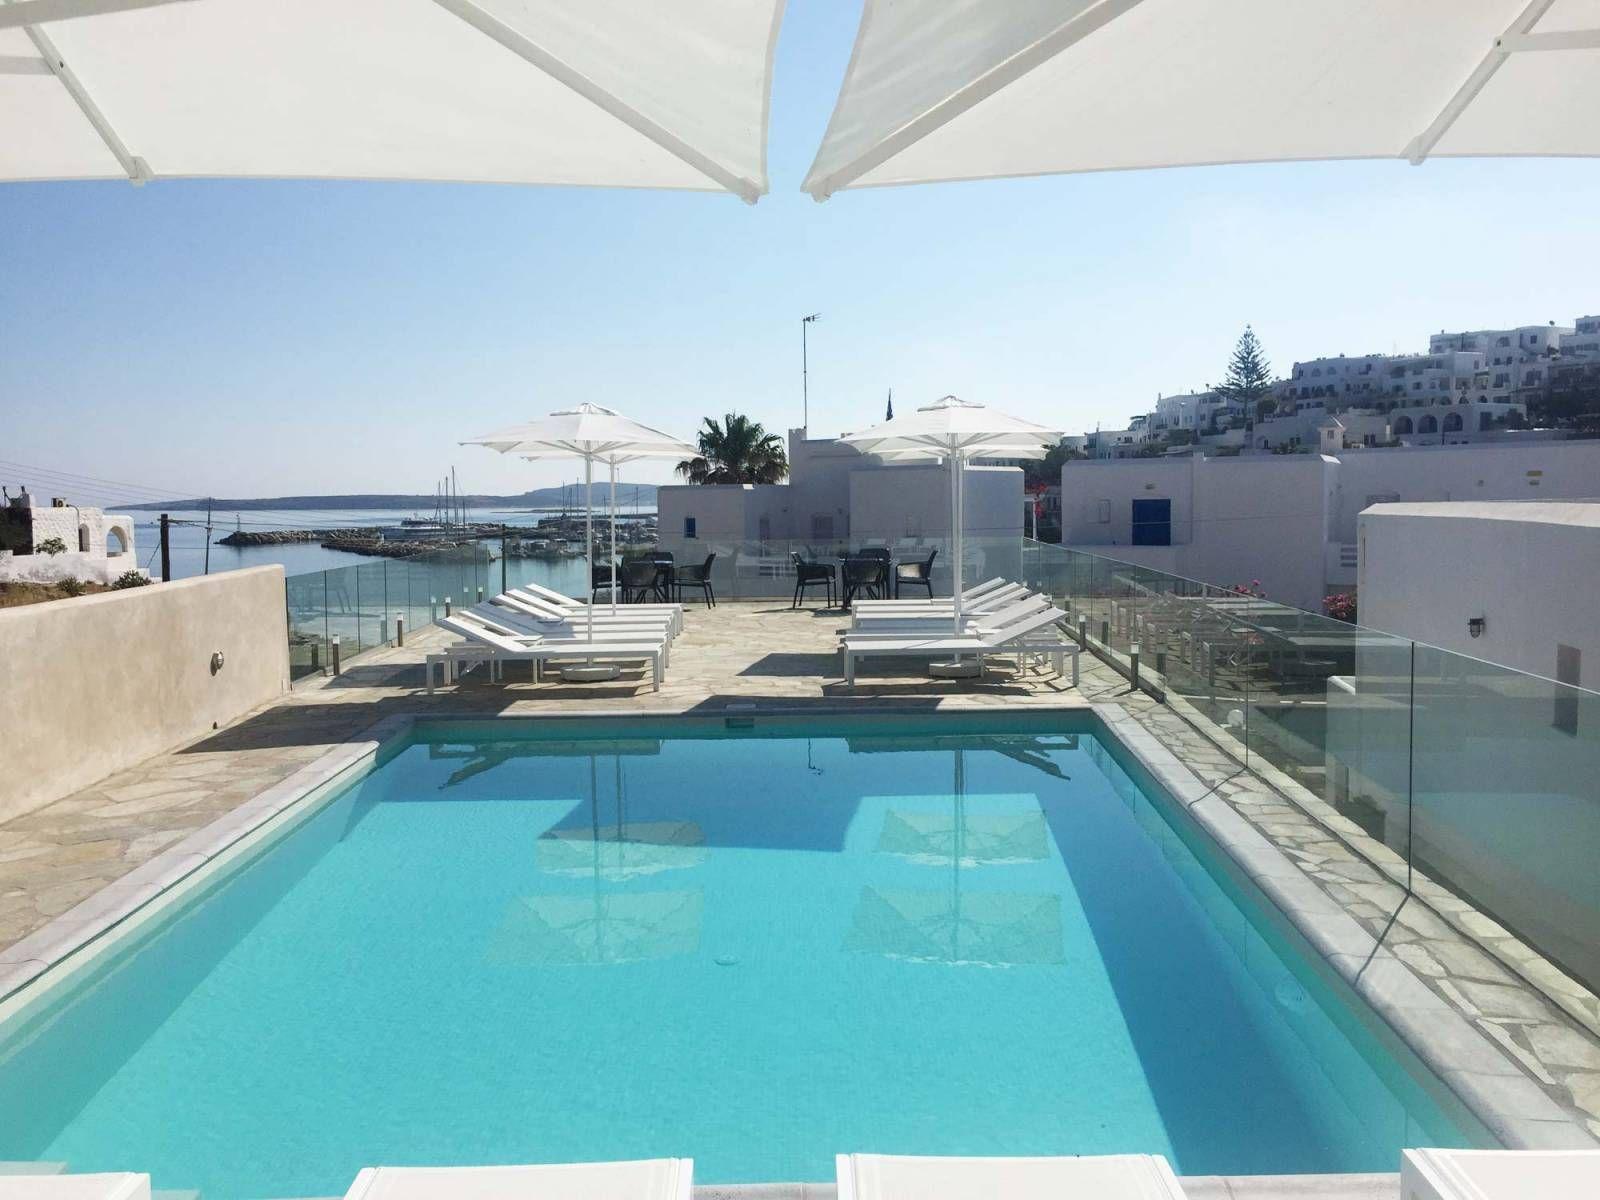 Adonis Hotel & Apartments - Πάρος ✦ -15% ✦ 3 Ημέρες (2 Διανυκτερεύσεις) ✦ 2 άτομα ✦ Χωρίς Πρωινό ✦ 01/07/2021 έως 31/07/2021 ✦ Κοντά στην Παραλία!